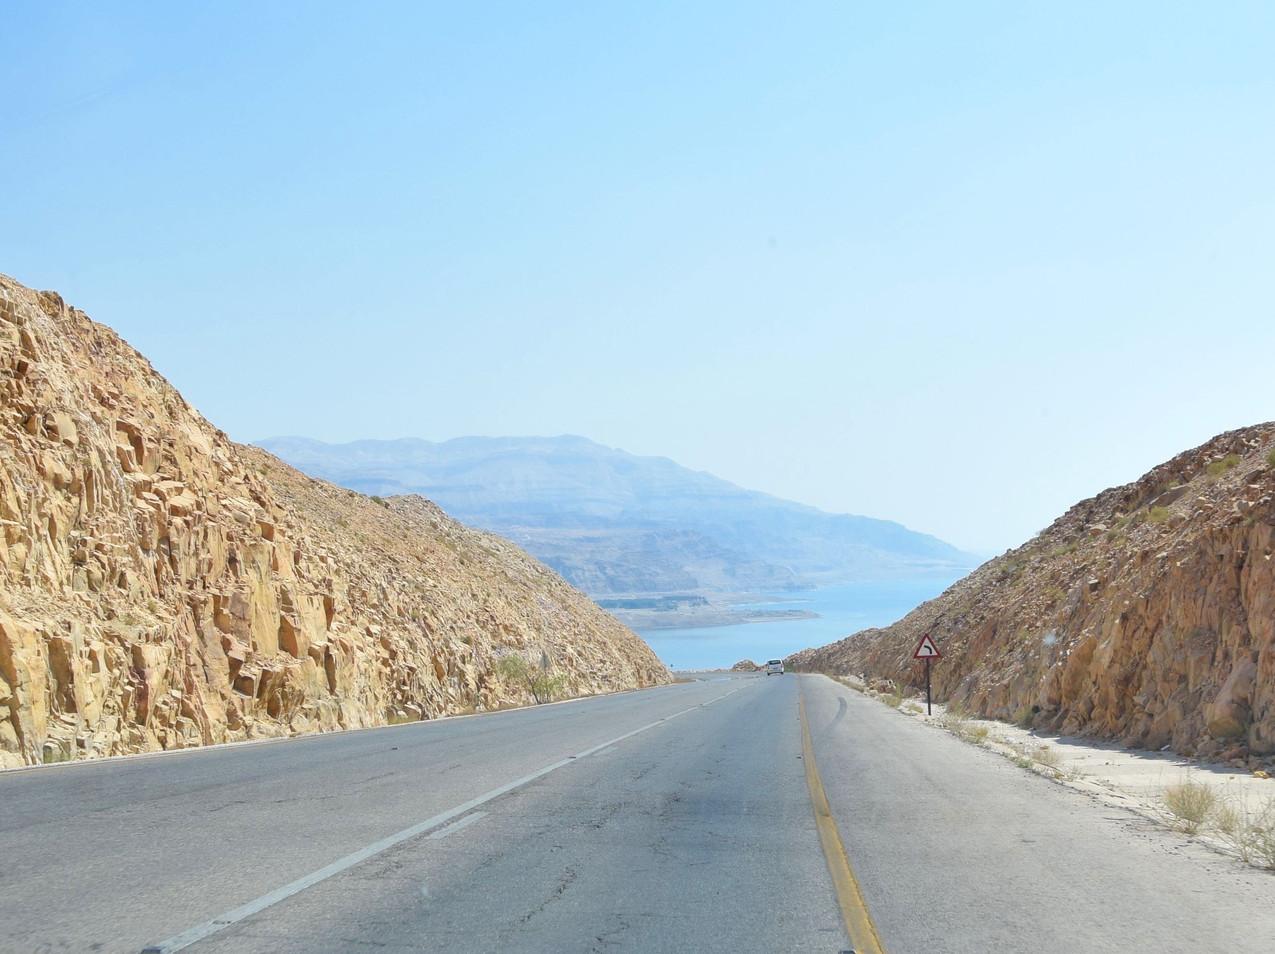 Jordanie Dead Sea Highway